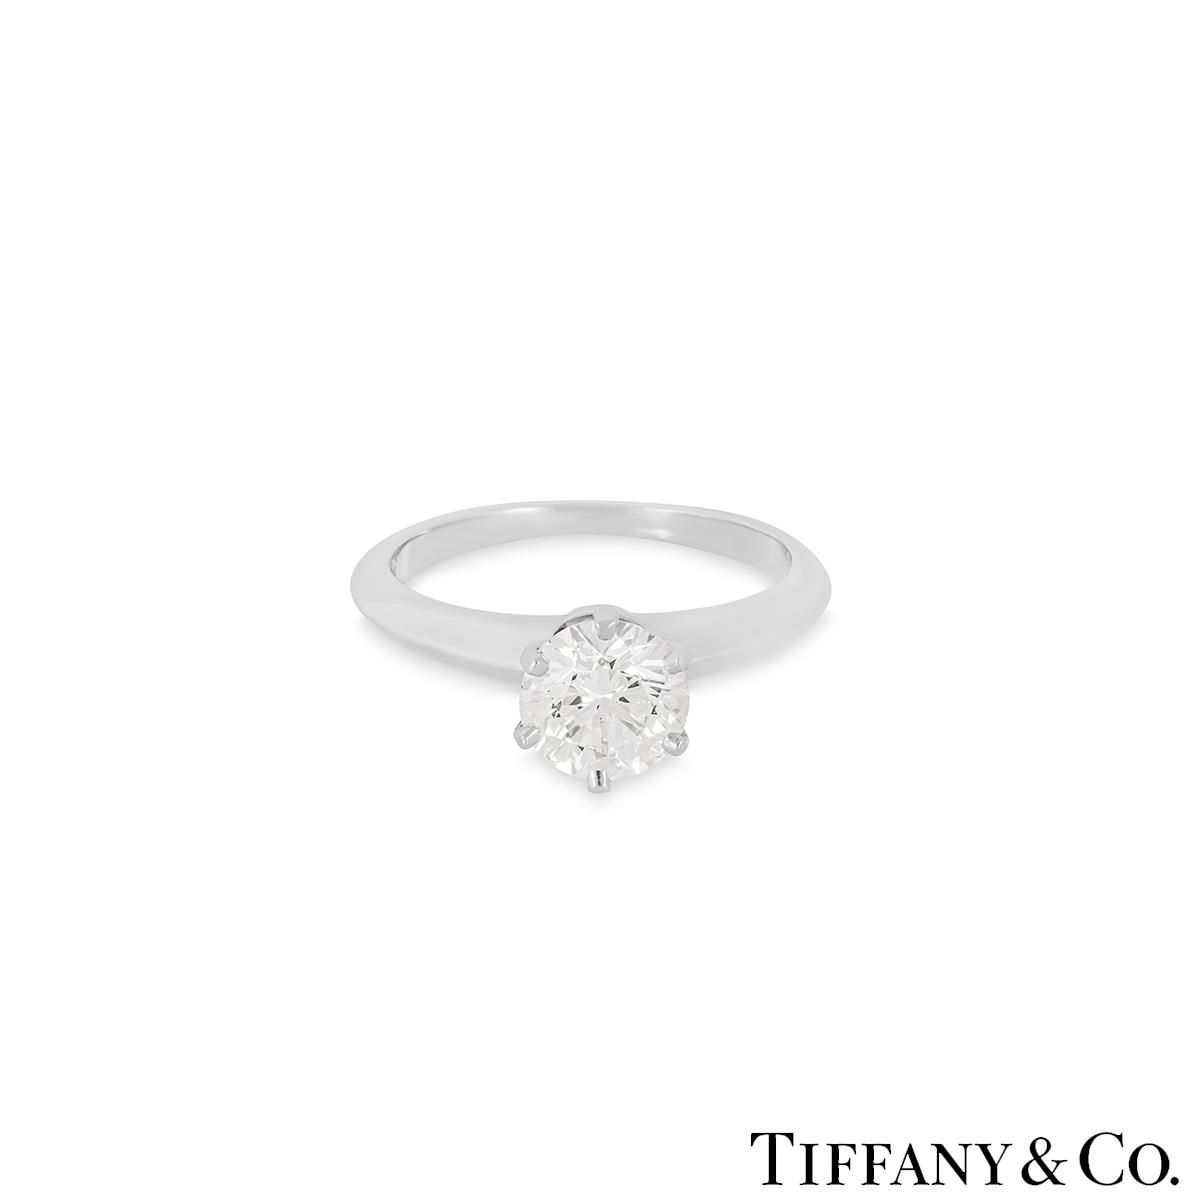 Tiffany & Co. Round Brilliant Cut Diamond Ring 1.05ct H/VS2